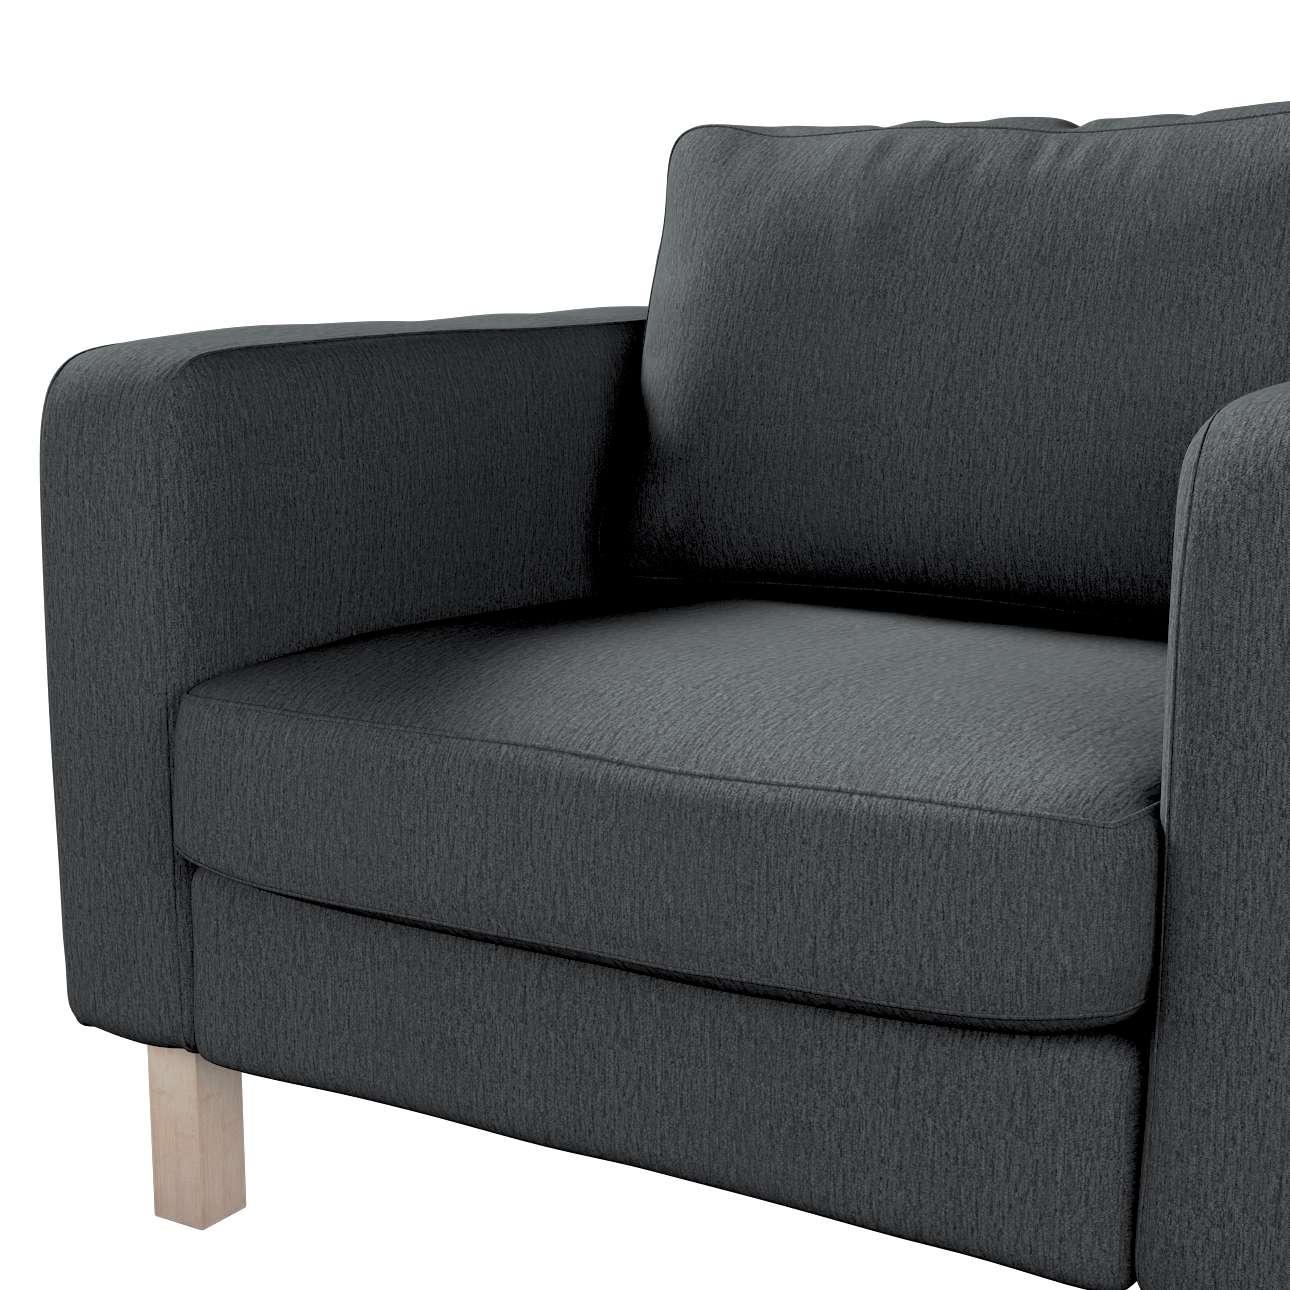 Pokrowiec na fotel Karlstad, krótki w kolekcji Chenille, tkanina: 702-20